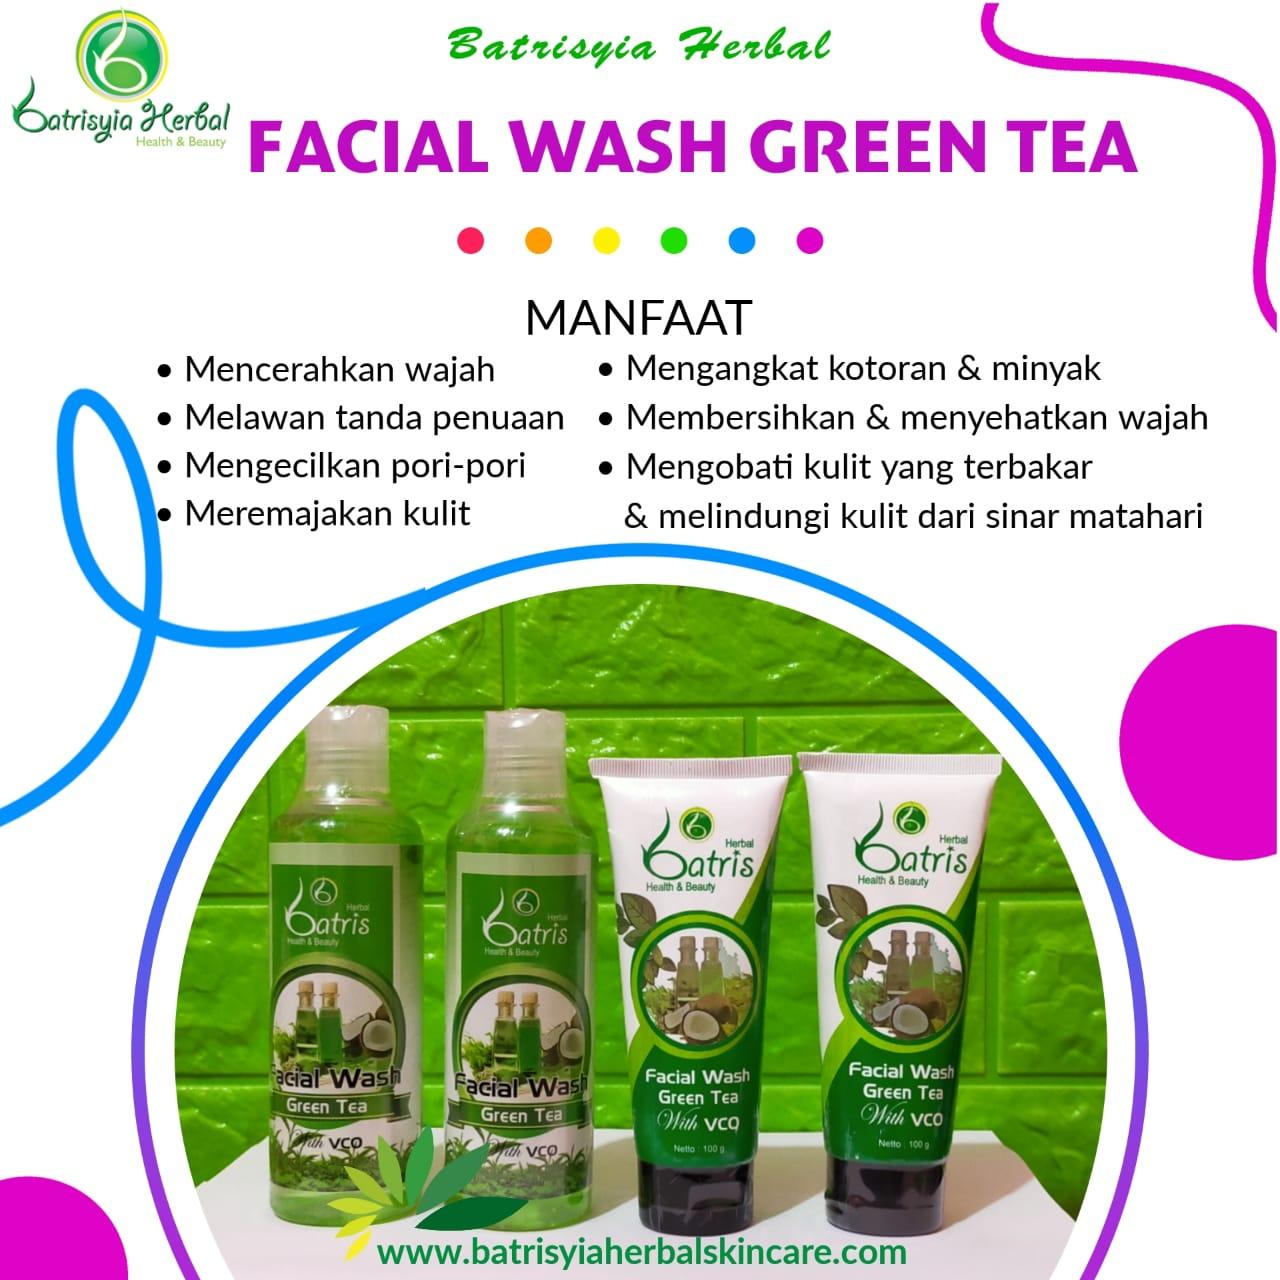 Batrisyia Facial Wash Green Tea + VCO